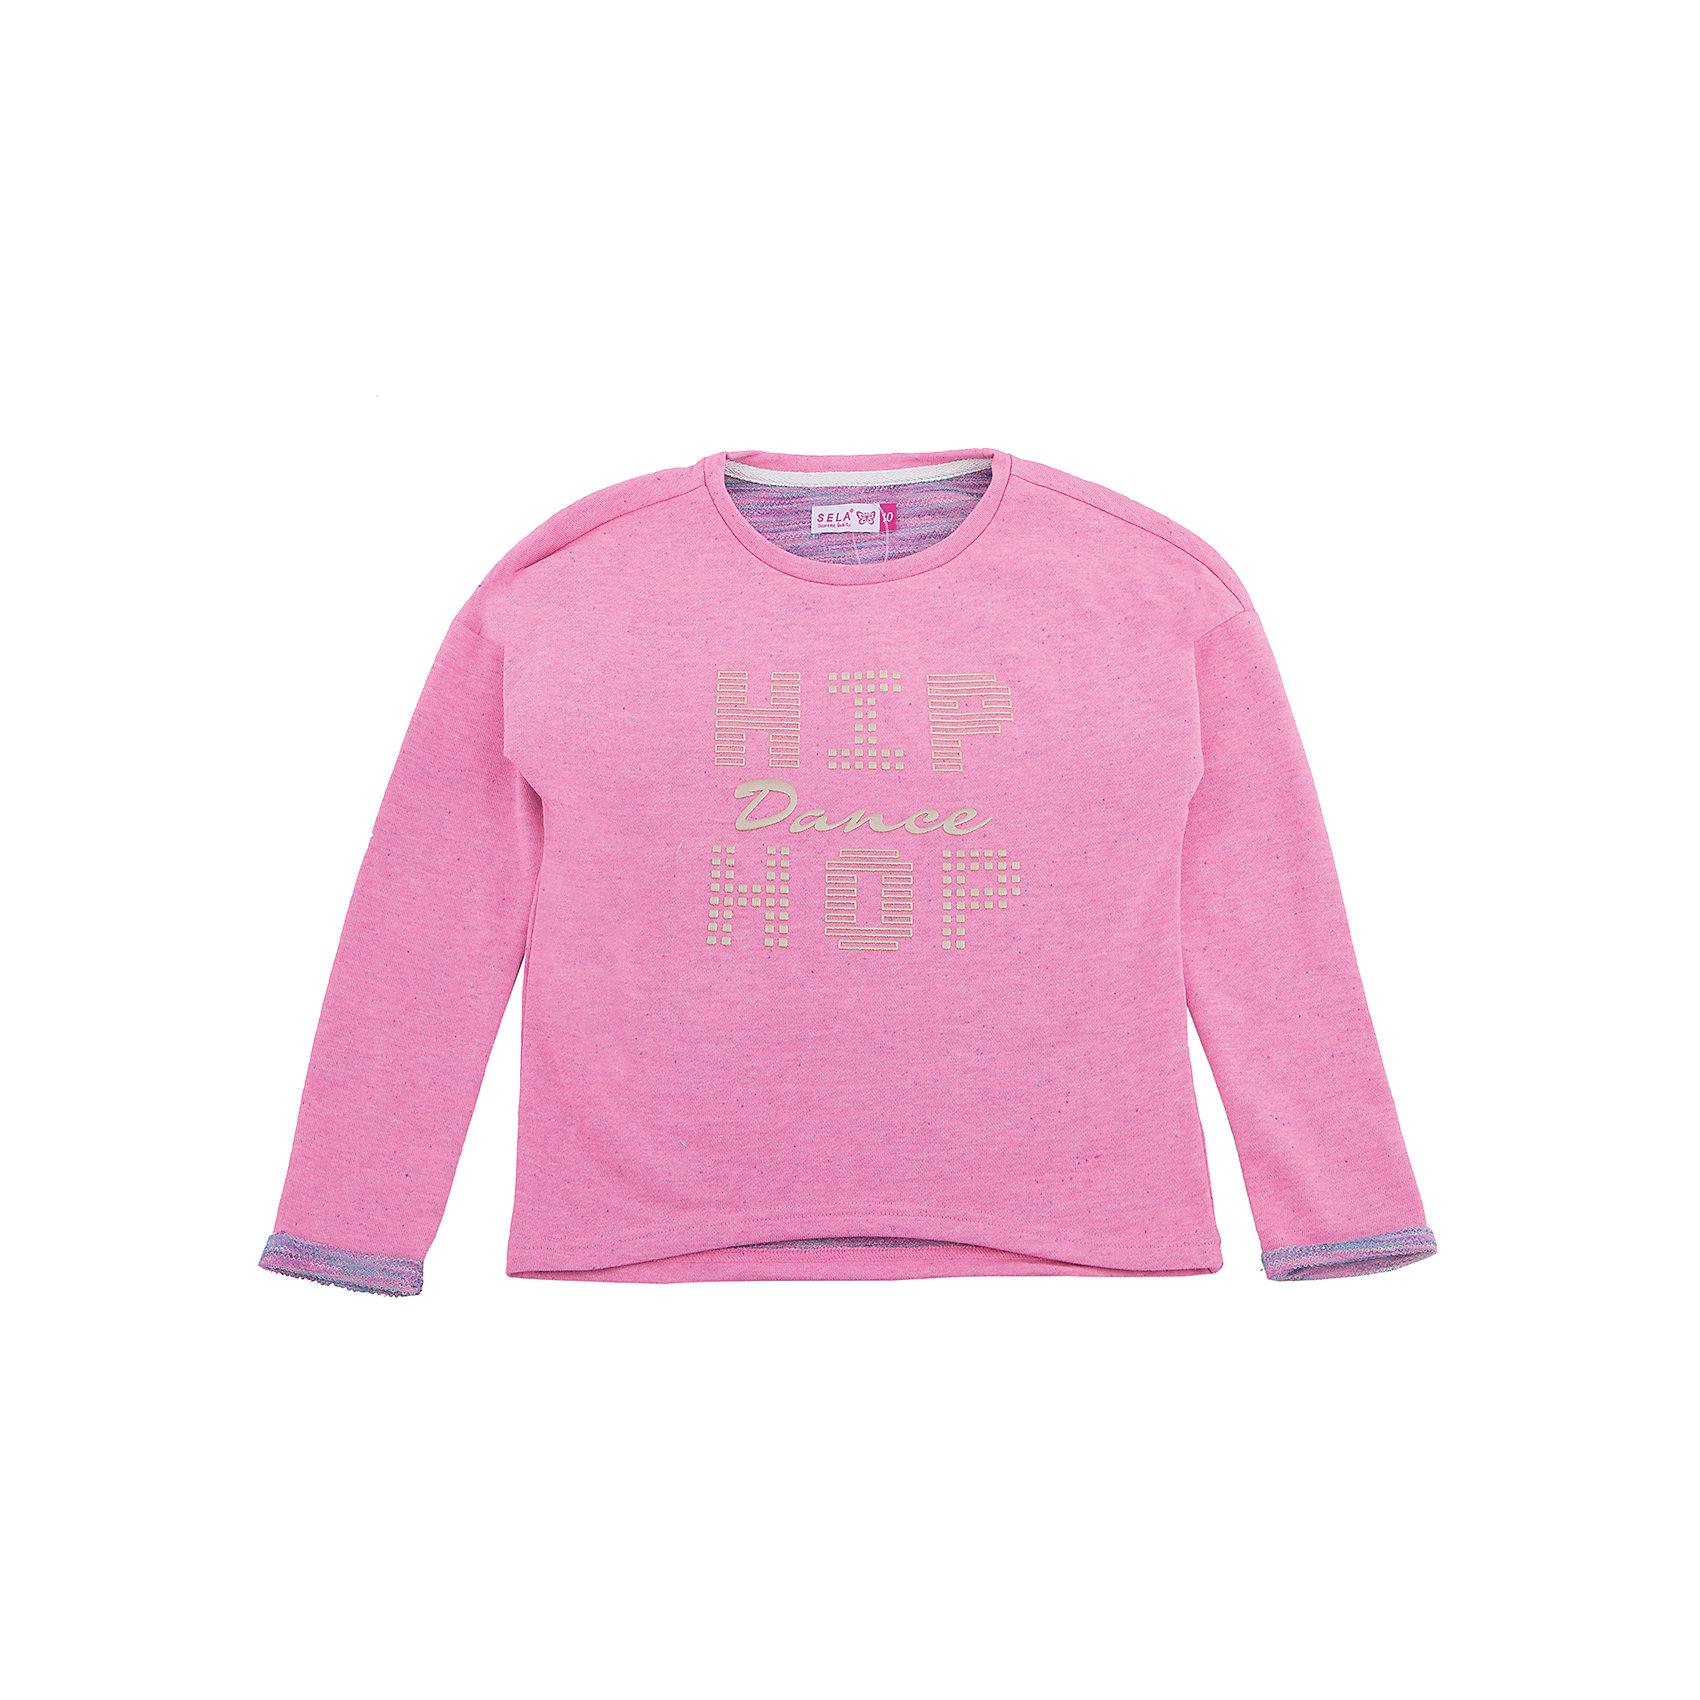 Толстовка для девочки SELAТолстовки<br>Характеристики товара:<br><br>• цвет: розовый<br>• состав: 65% хлопок, 35% полиэстер<br>• декорирована принтом<br>• удлиненная спинка<br>• страна бренда: Российская Федерация<br><br>Джемпер для девочки от популярного бренда SELA (СЕЛА) можно купить в нашем интернет-магазине.<br><br>Ширина мм: 190<br>Глубина мм: 74<br>Высота мм: 229<br>Вес г: 236<br>Цвет: розовый<br>Возраст от месяцев: 108<br>Возраст до месяцев: 120<br>Пол: Женский<br>Возраст: Детский<br>Размер: 140,134,128,122,116,152,146<br>SKU: 5306483